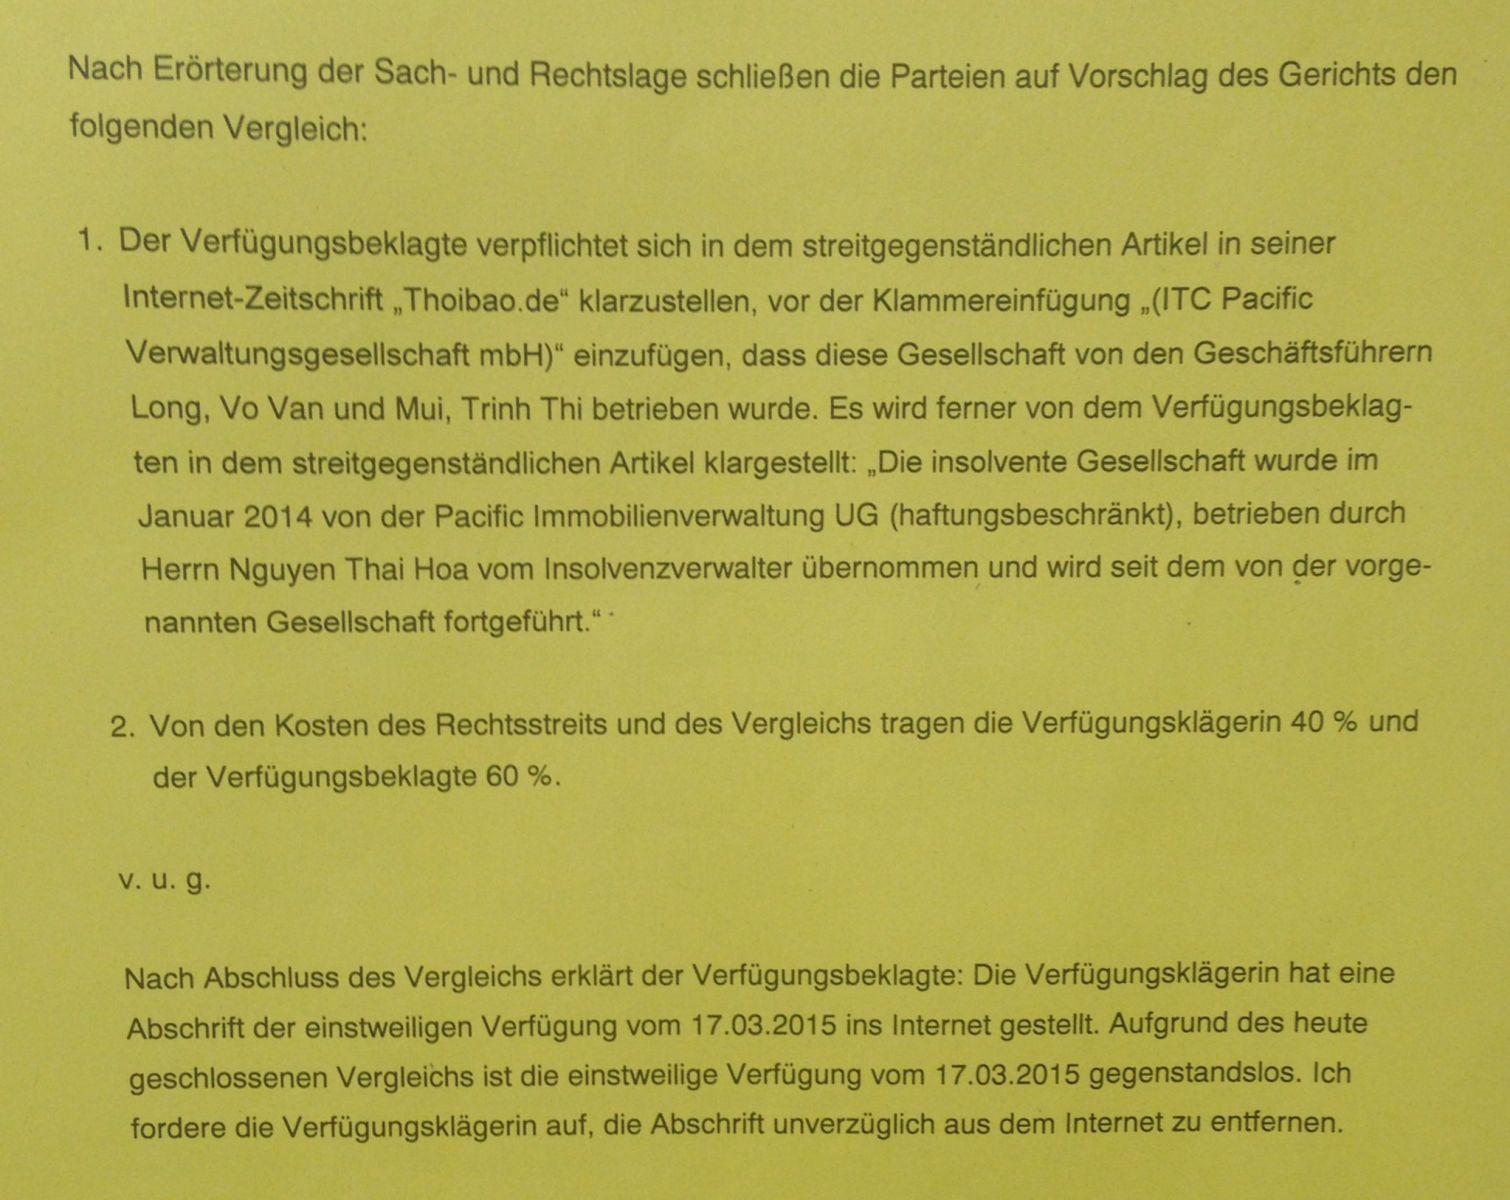 Bản phân giải của Tòa án Lichtenberg ngày 7/4/2015 đã ghi rất rõ sự việc. Bản quyết định tạm thời của tòa án ngày 17/3/15 không còn giá trị và yêu cầu bên nguyên đơn ( bên đi kiện ) phải lập tức dỡ bỏ bản sao quyết định tạm thời khỏi mạng Internet.